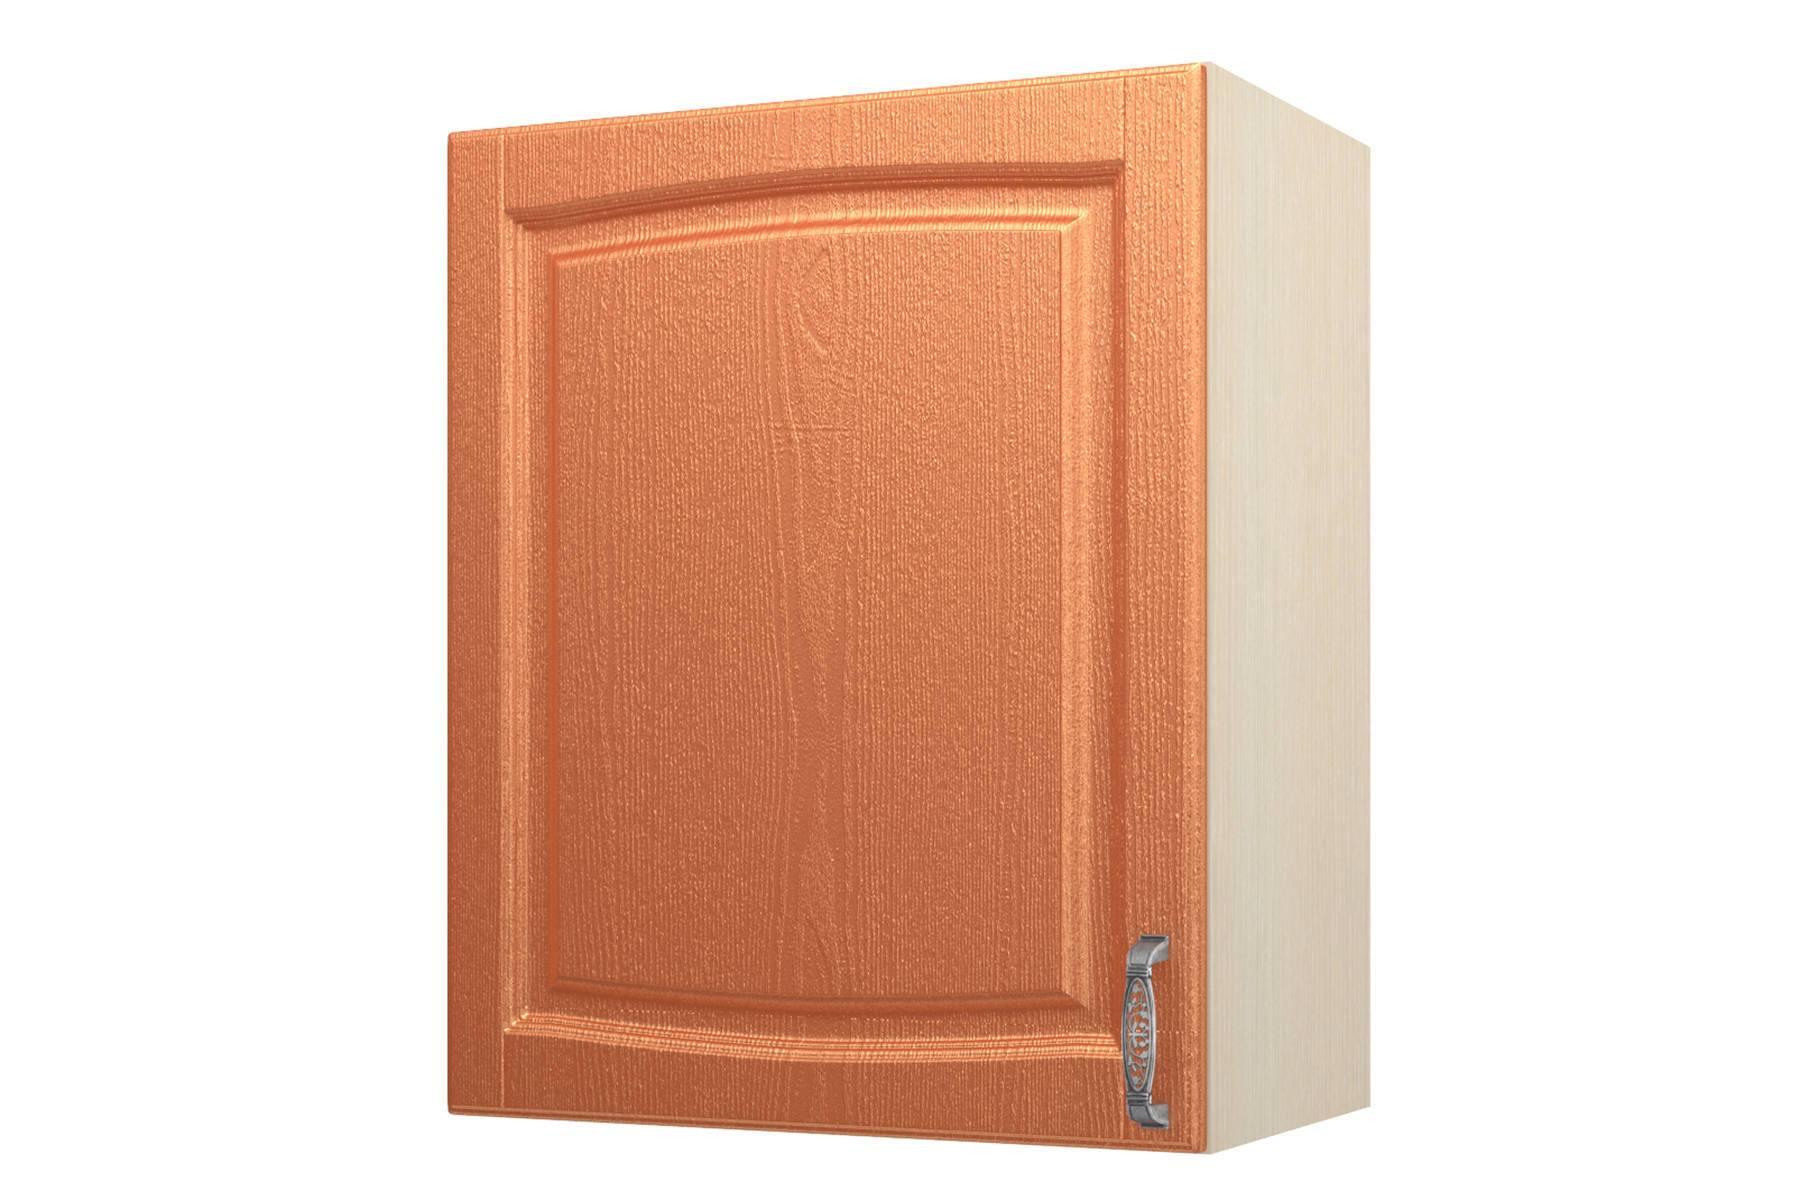 Равенна ART Шкаф навесной 60, 1 дверь равенна art шкаф навесной 40 н 96 1 дверь